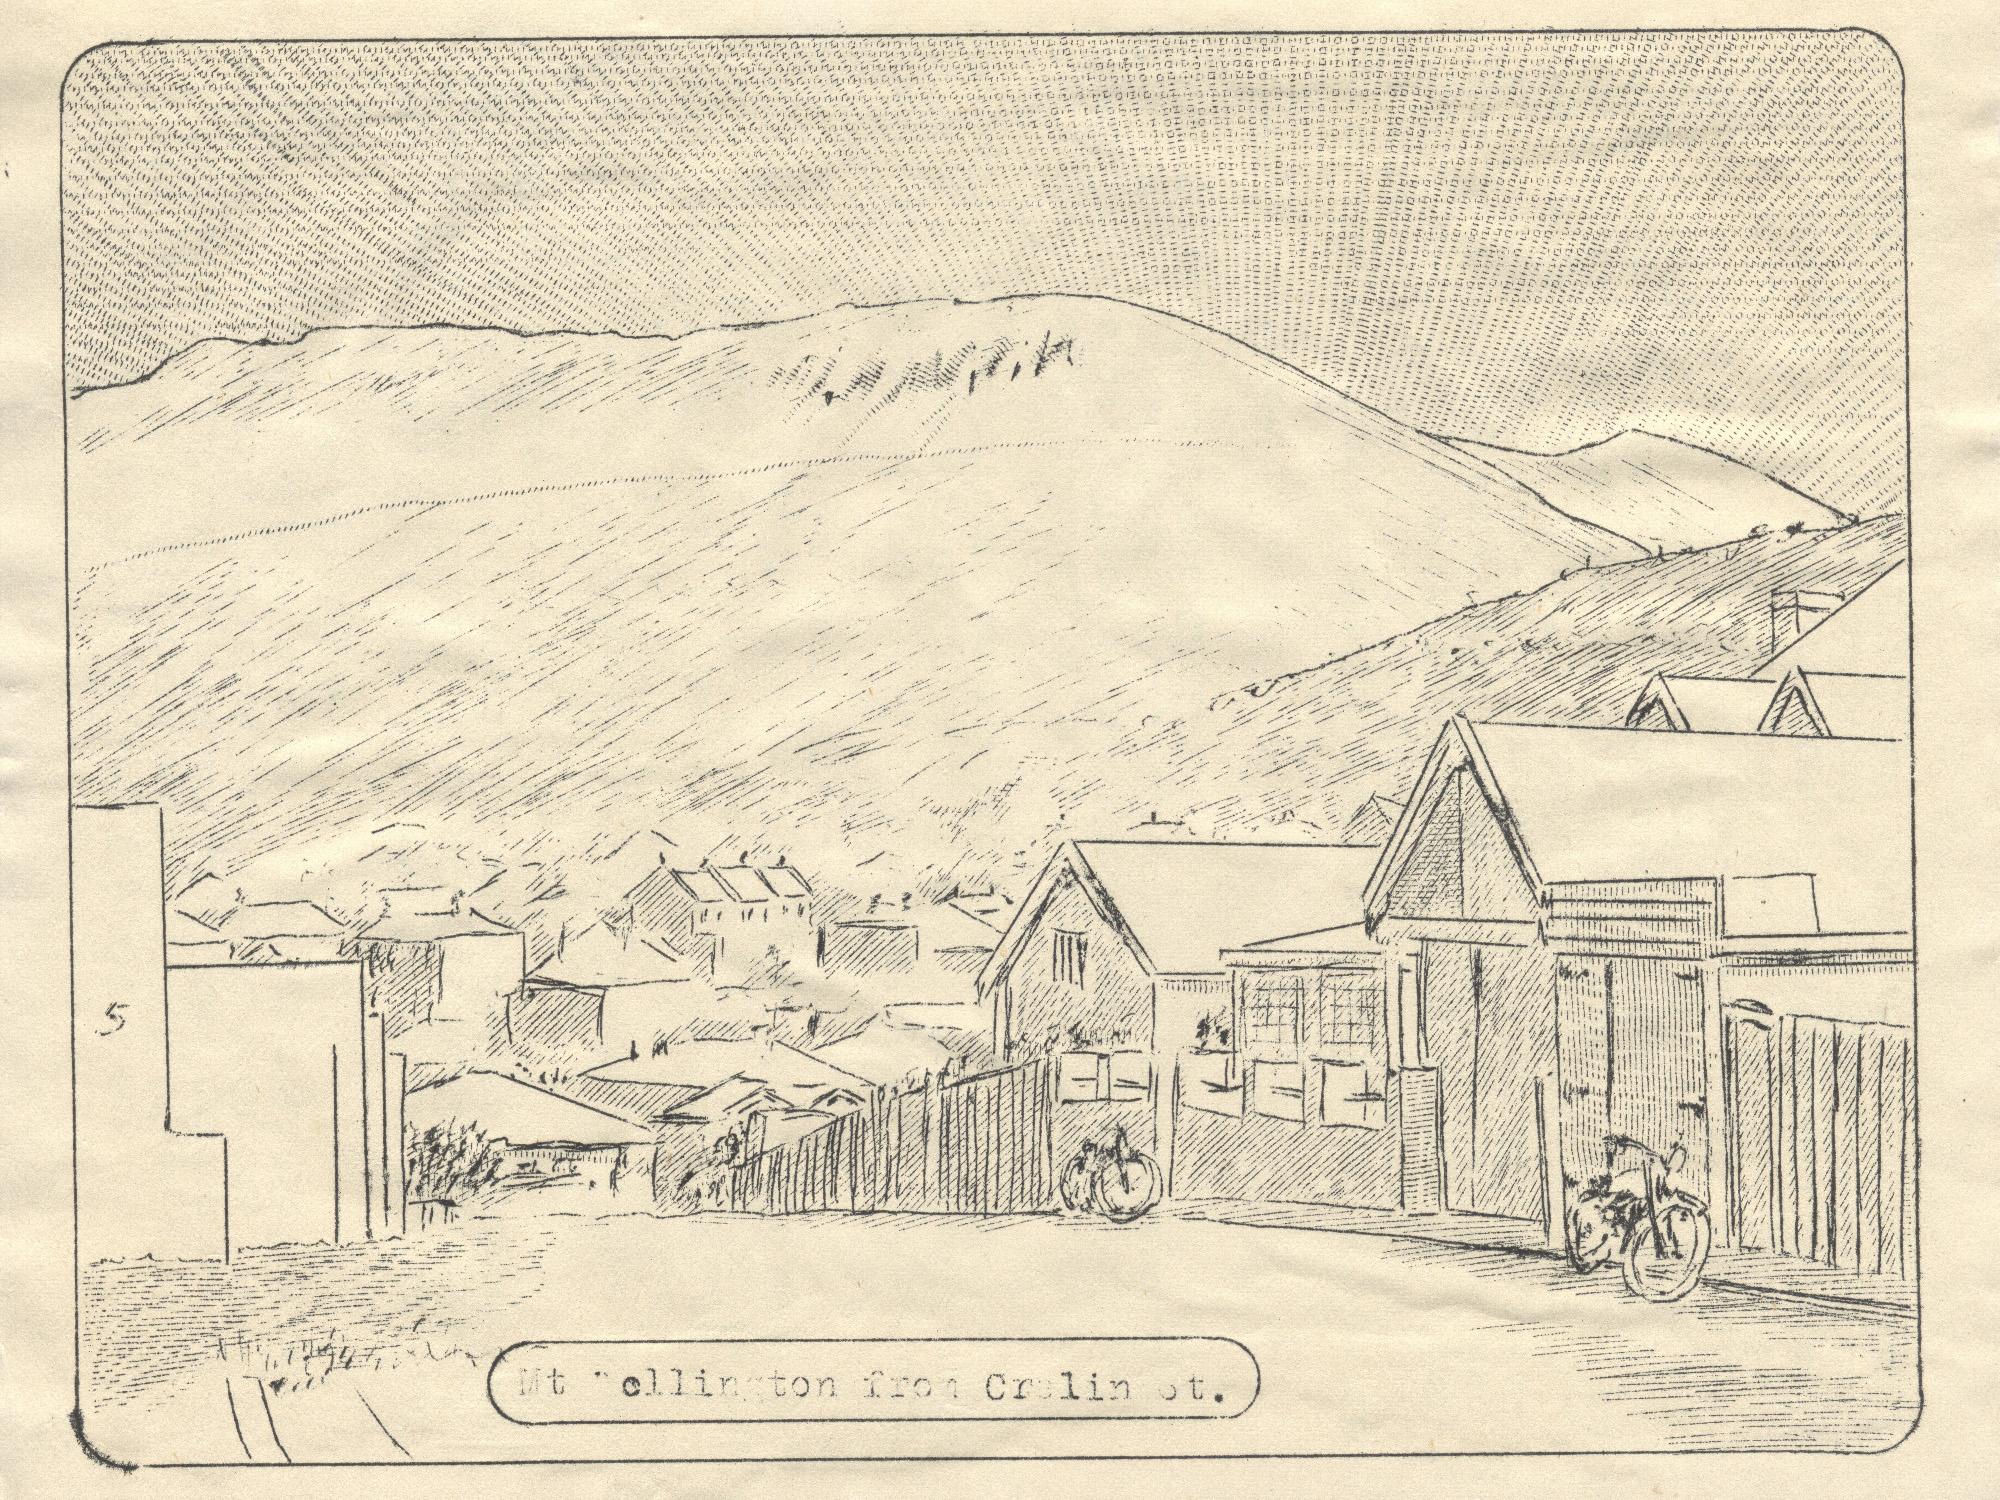 Crelin Street